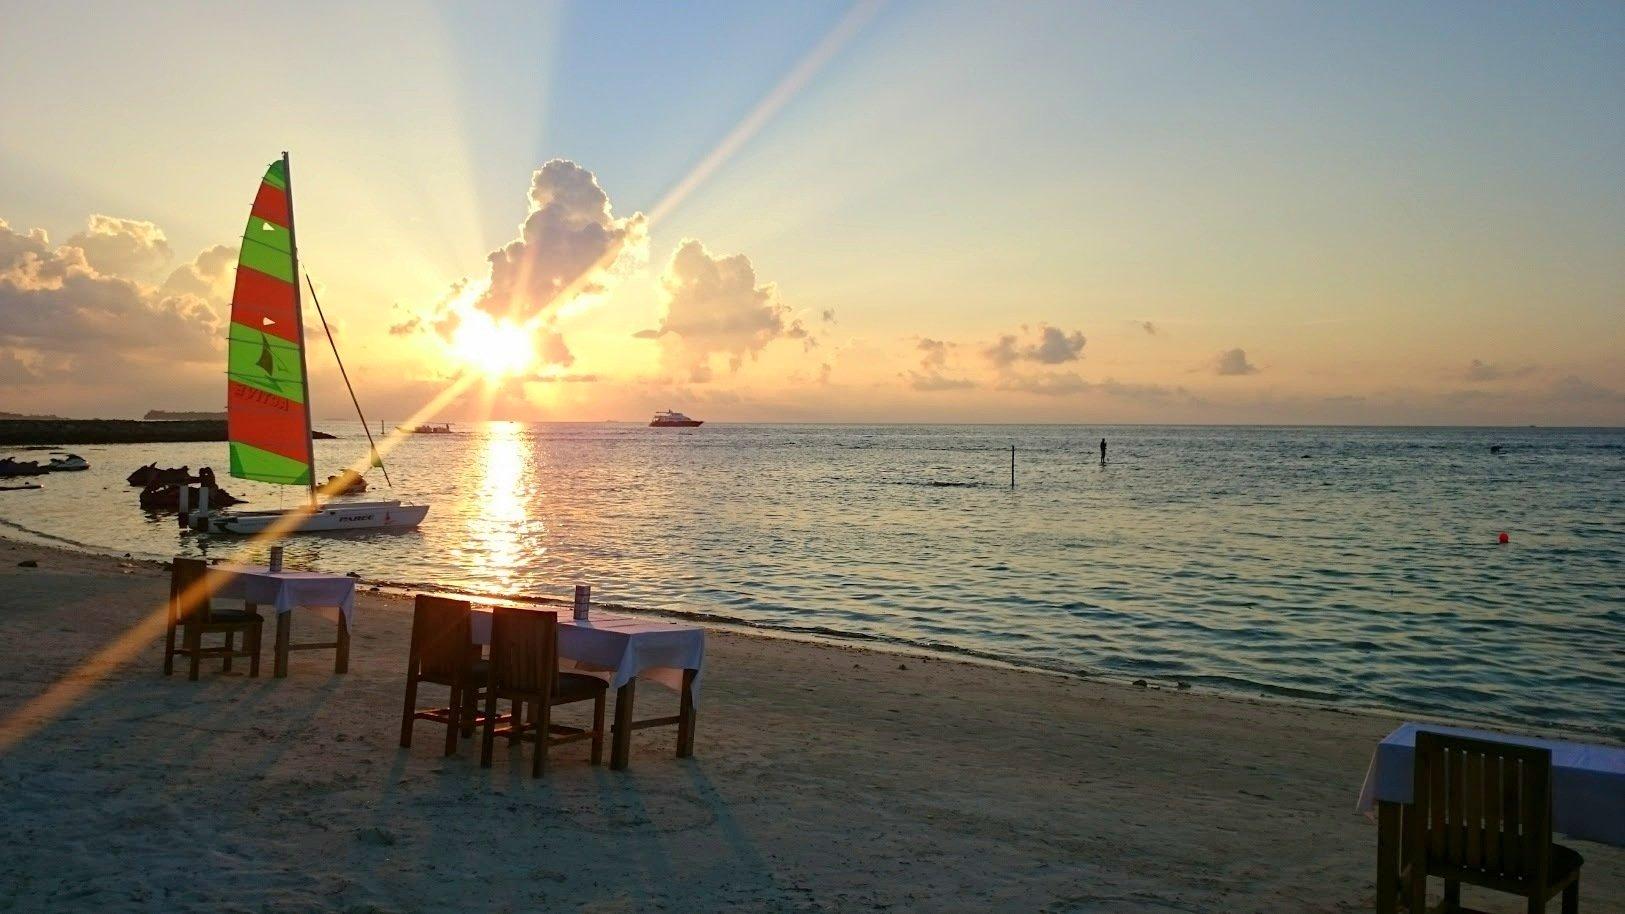 Maafushi auringonlasku edullisesti malediiveille kokemuksia